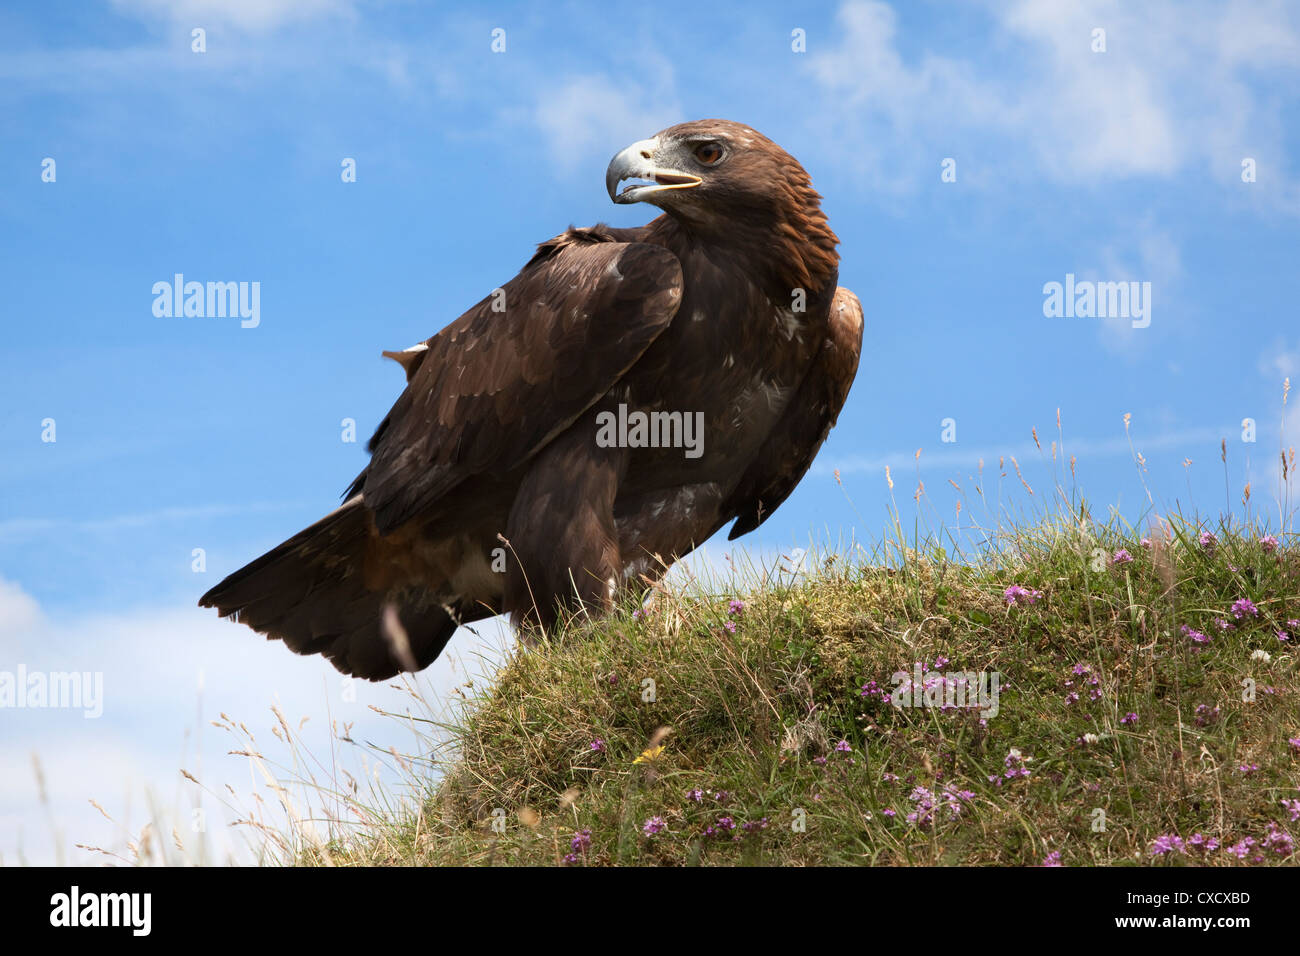 Golden eagle (Aquila chrysaetos), captive, United Kingdom, Europe - Stock Image